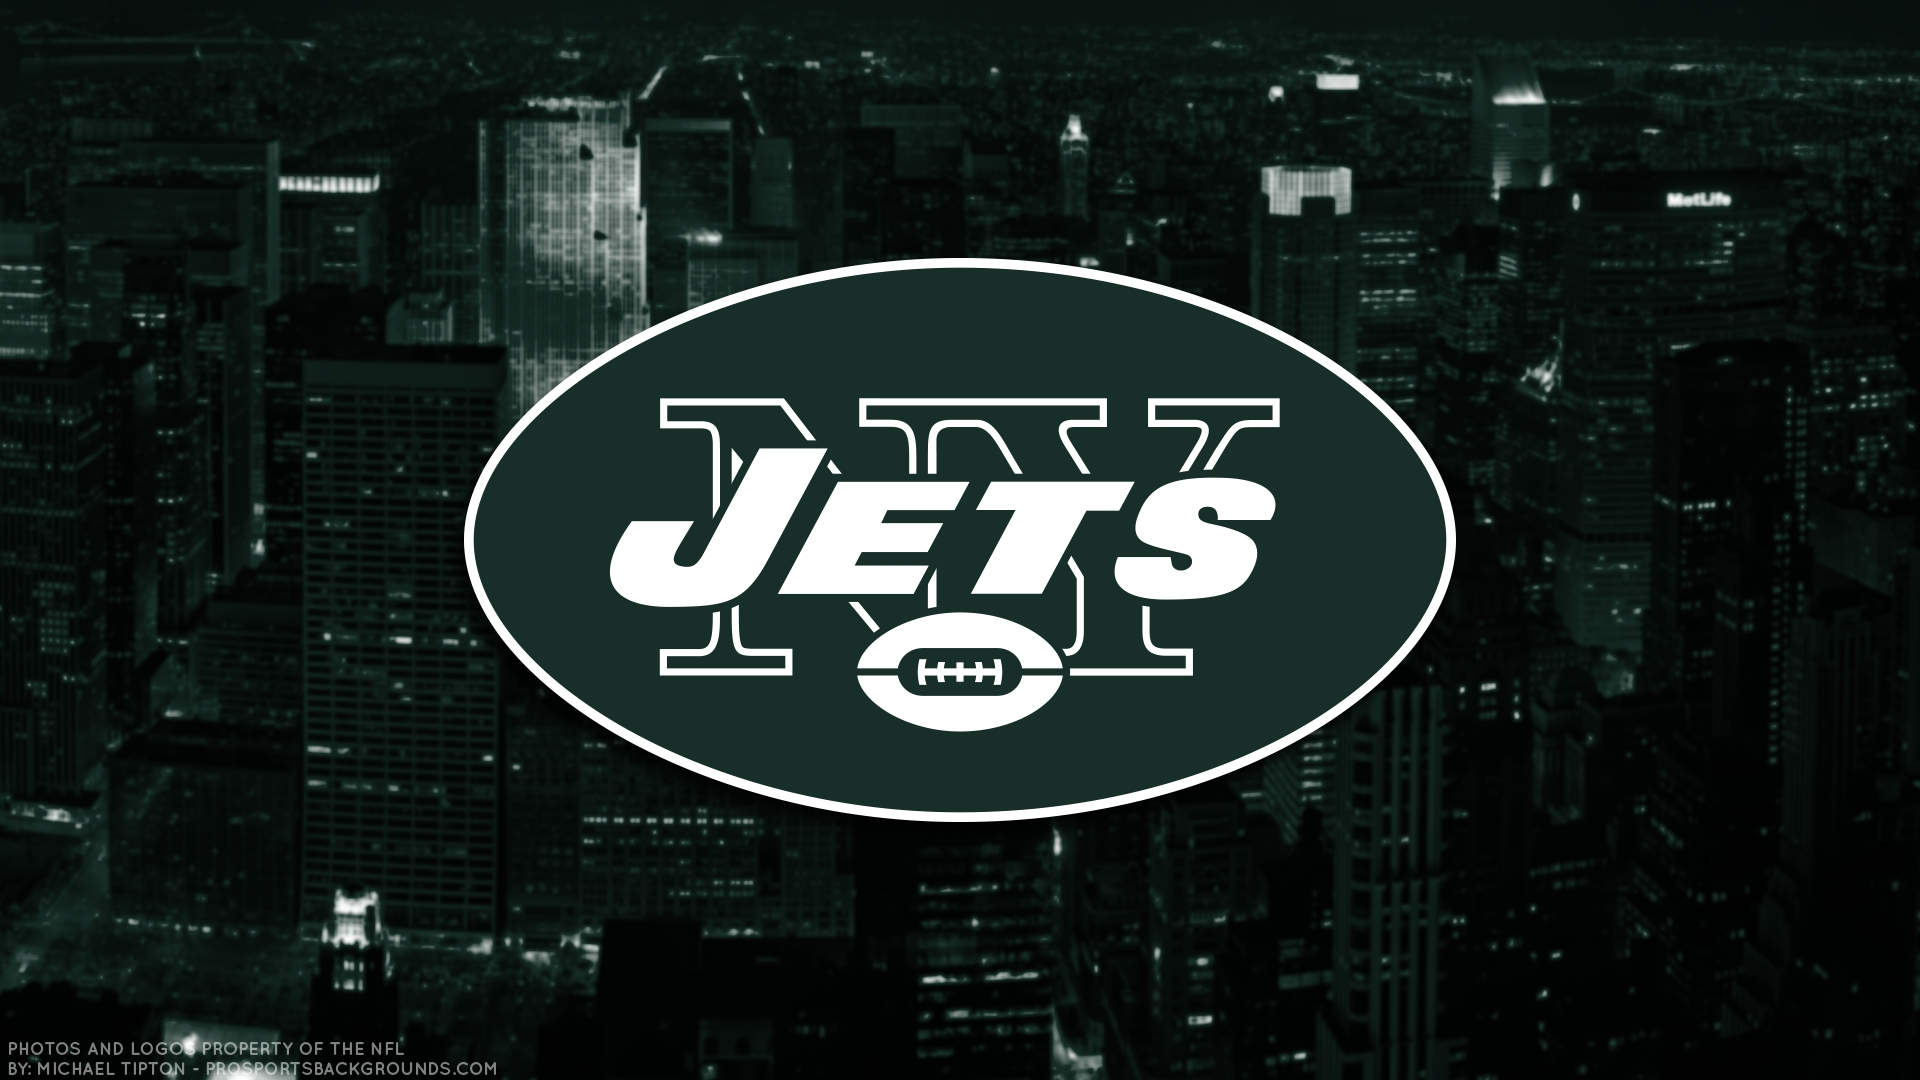 441 ny jets wallpapers